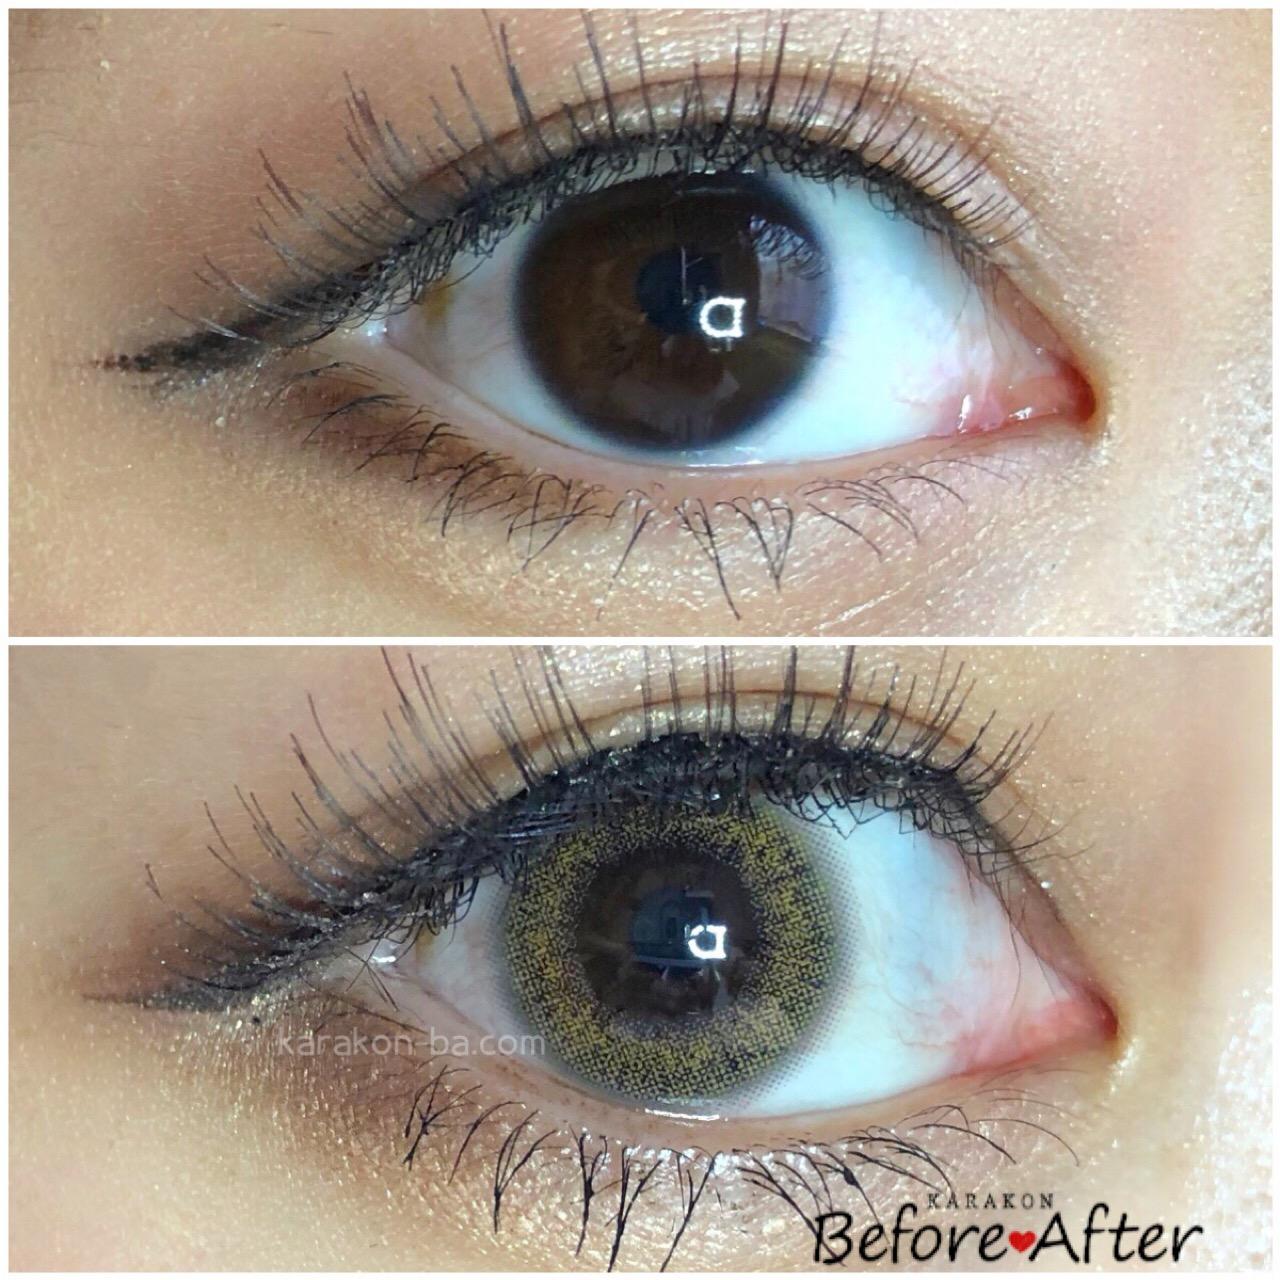 Ever Color 1day(エバーカラーワンデー)スキニーヘーゼルのカラコン装着画像/裸眼と比較レポ